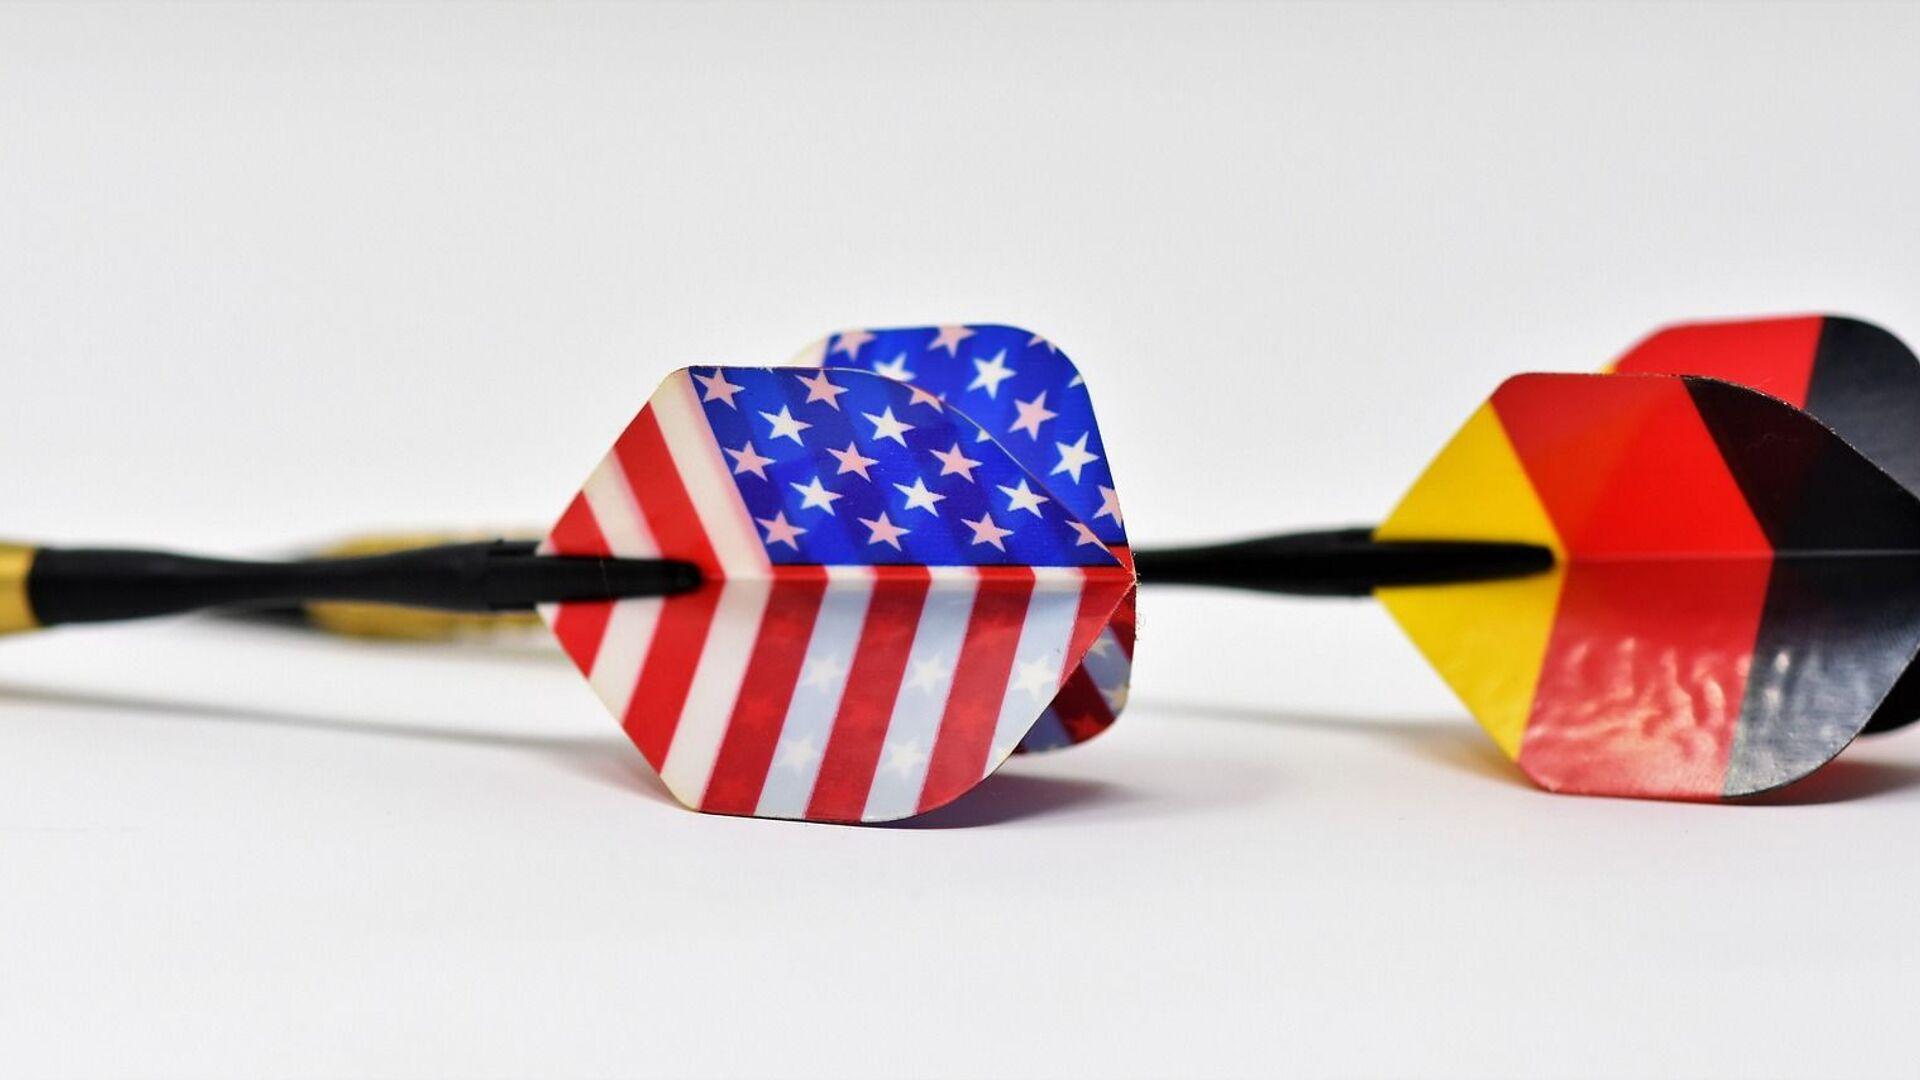 Пикадо стрелице са мотивима америчке и немачке заставе - Sputnik Србија, 1920, 18.04.2021